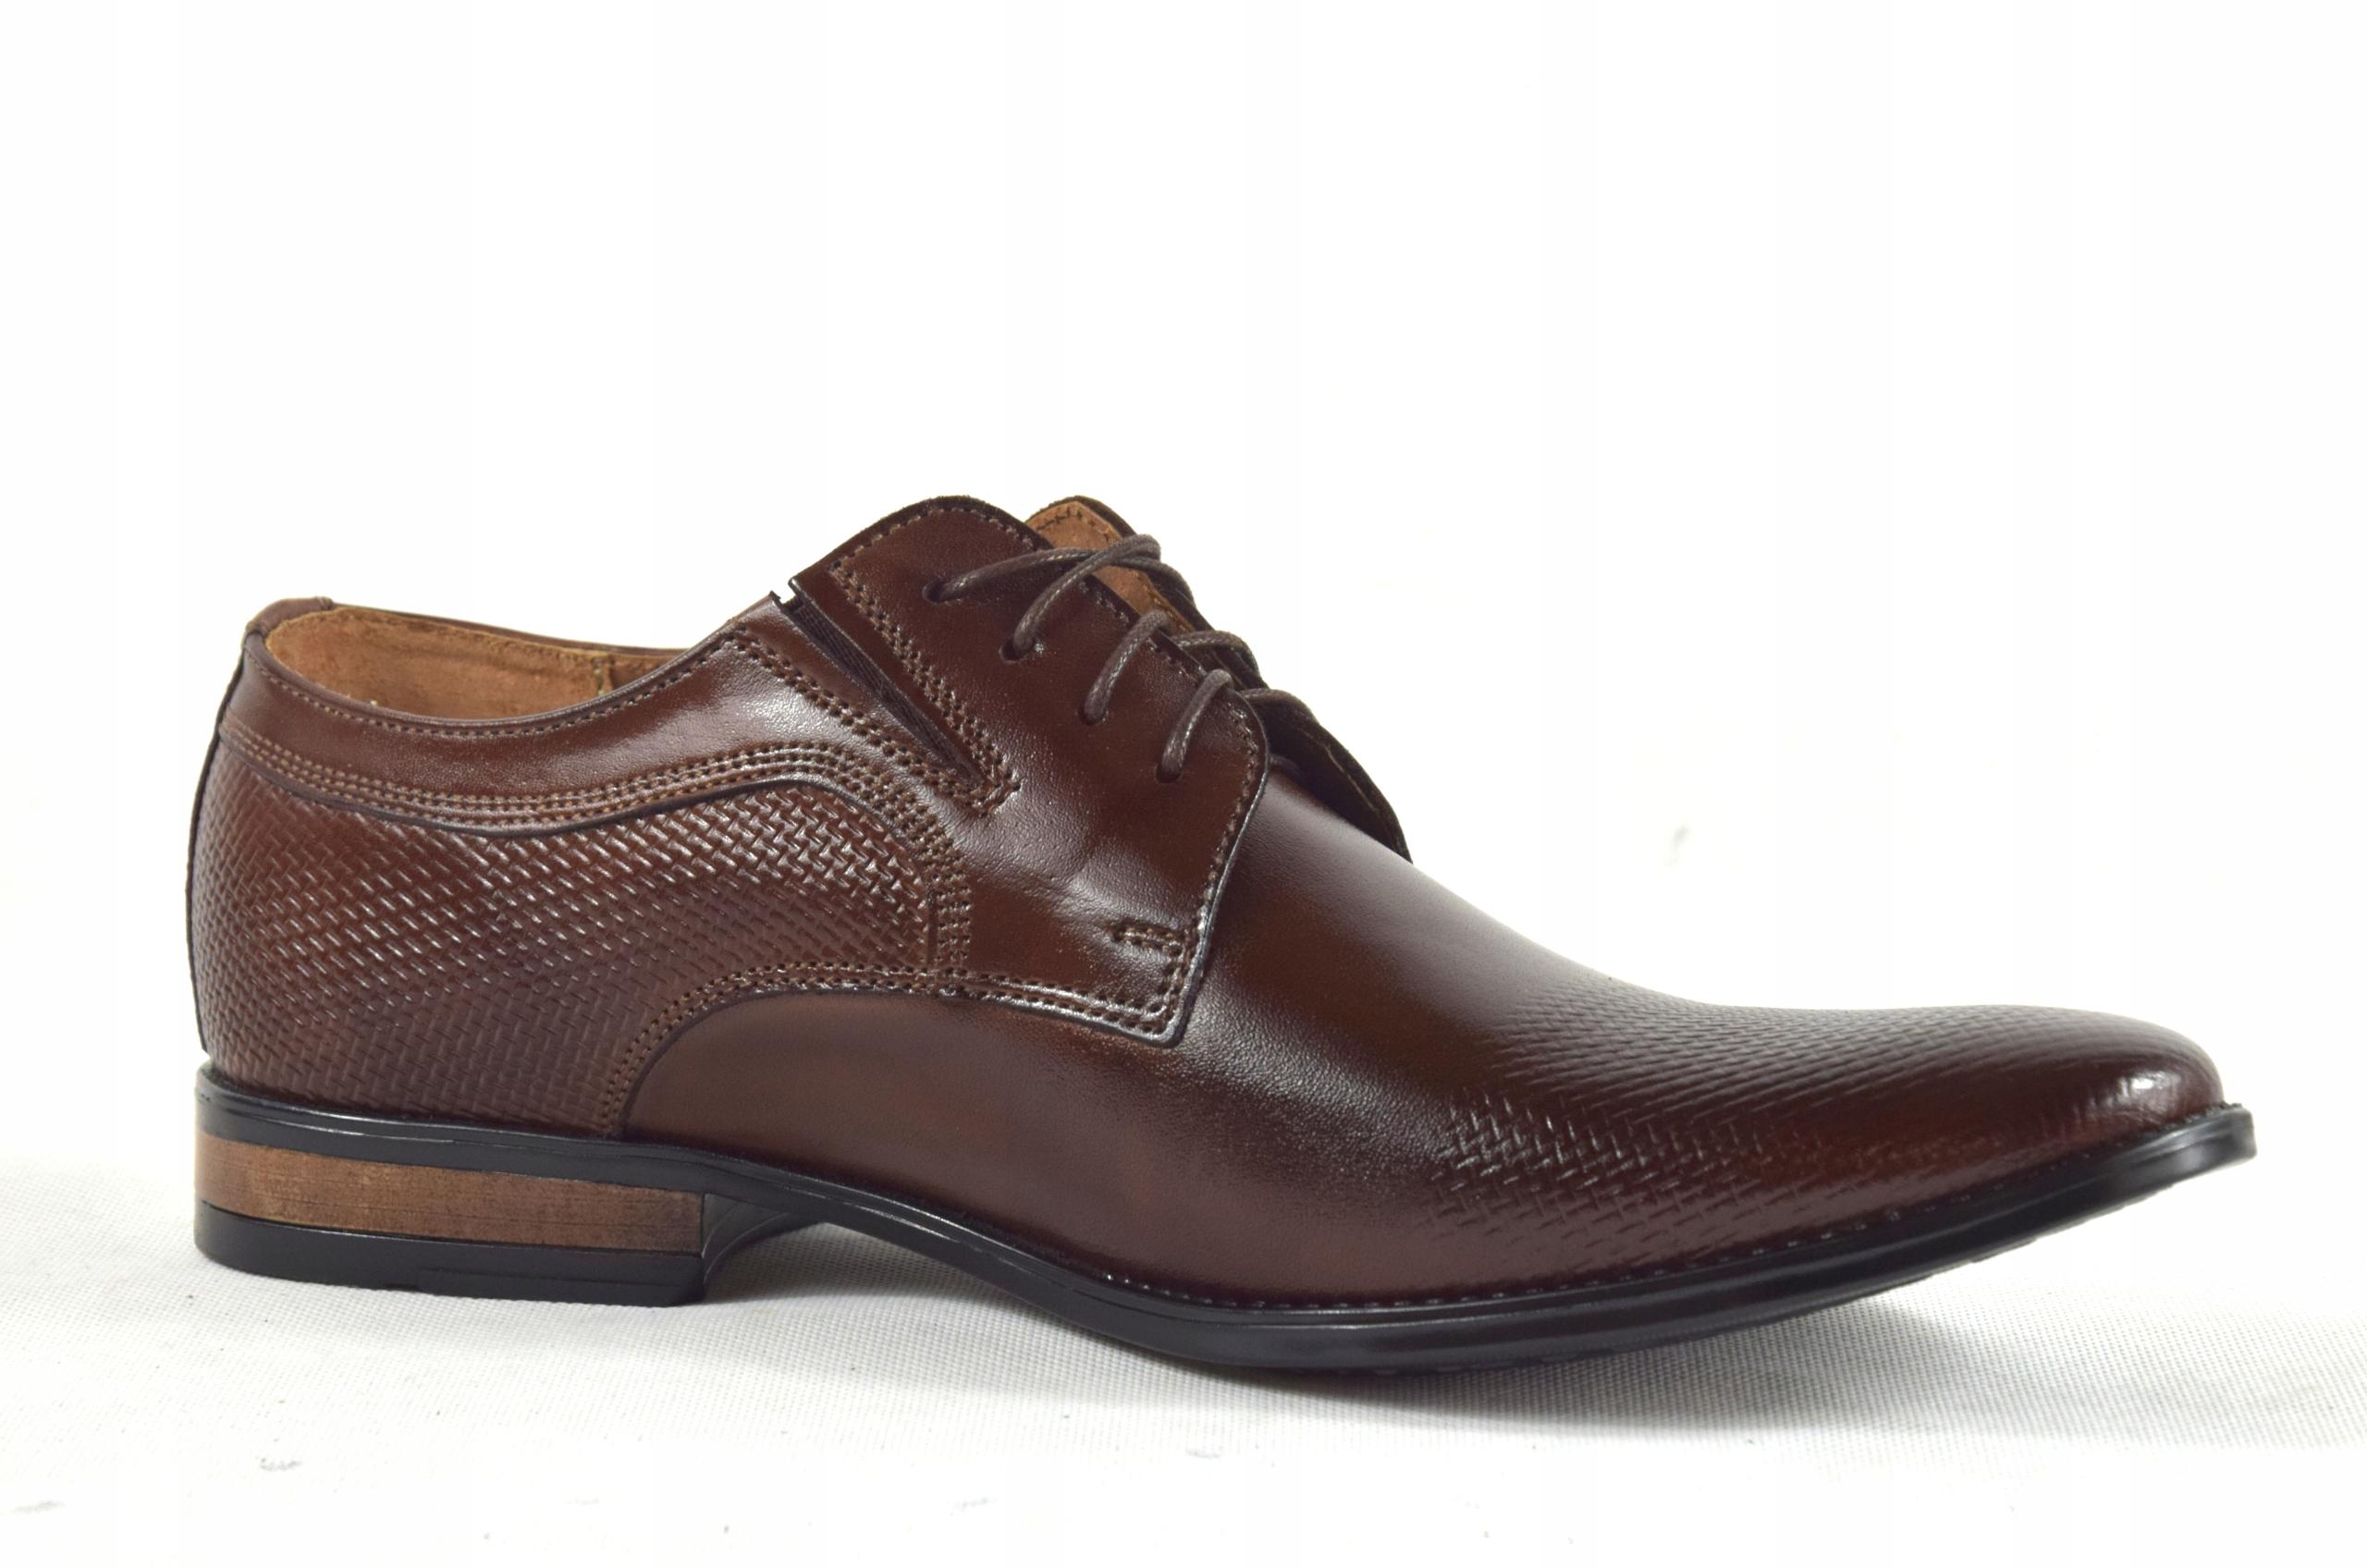 Buty męskie wizytowe skórzane brązowe obuwie 359/1 Marka inna